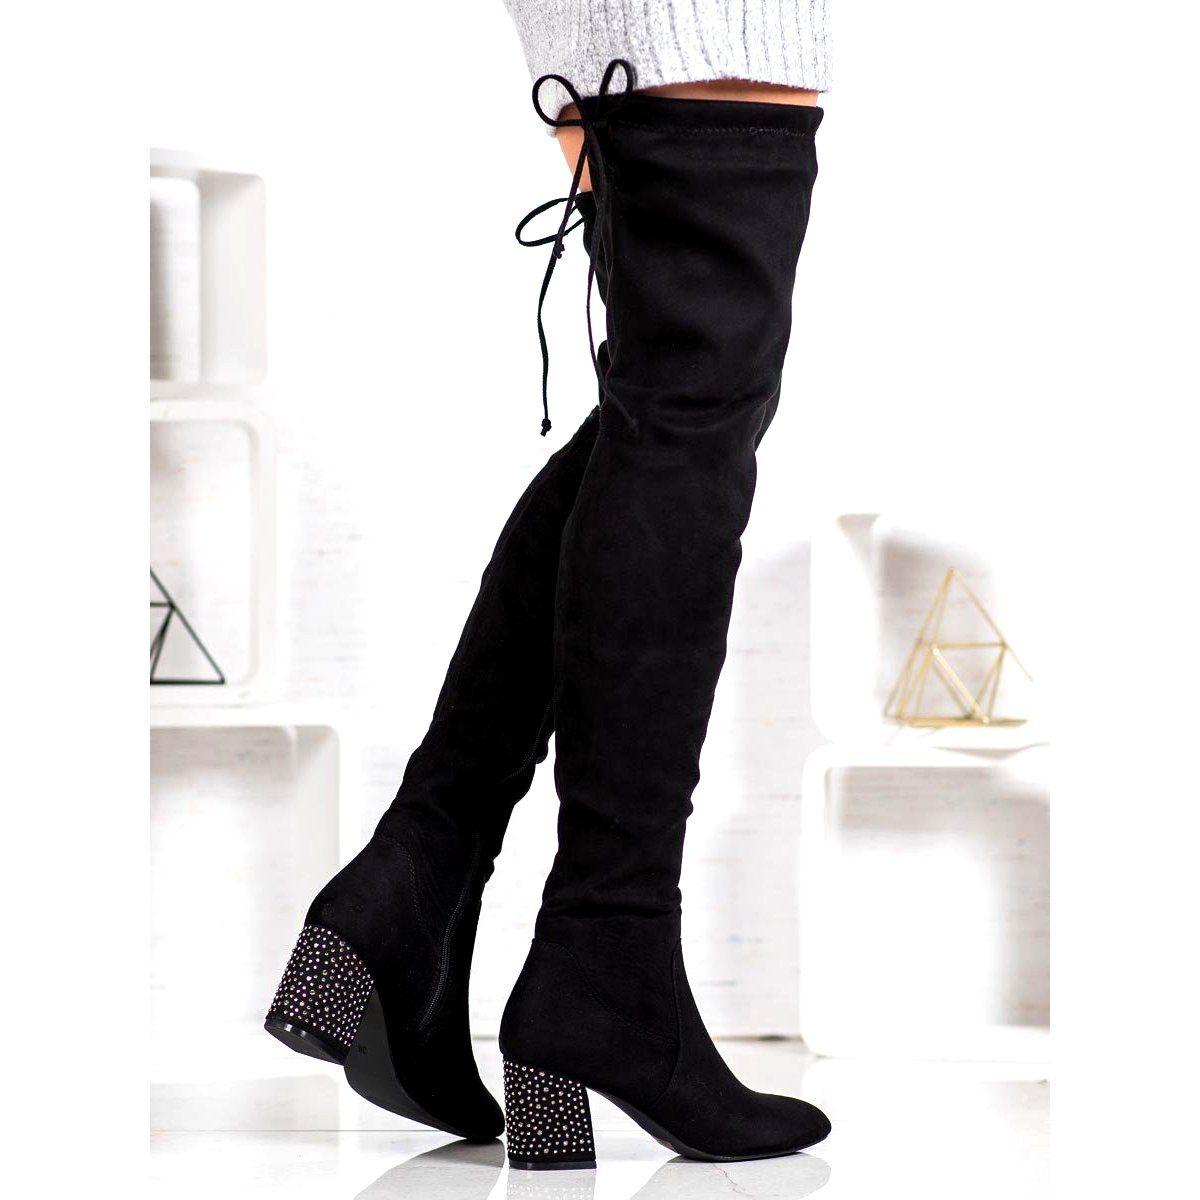 Super Mode Wysokie Kozaki Z Ozdobnym Obcasem Czarne Boots Fashion Shoes Heels